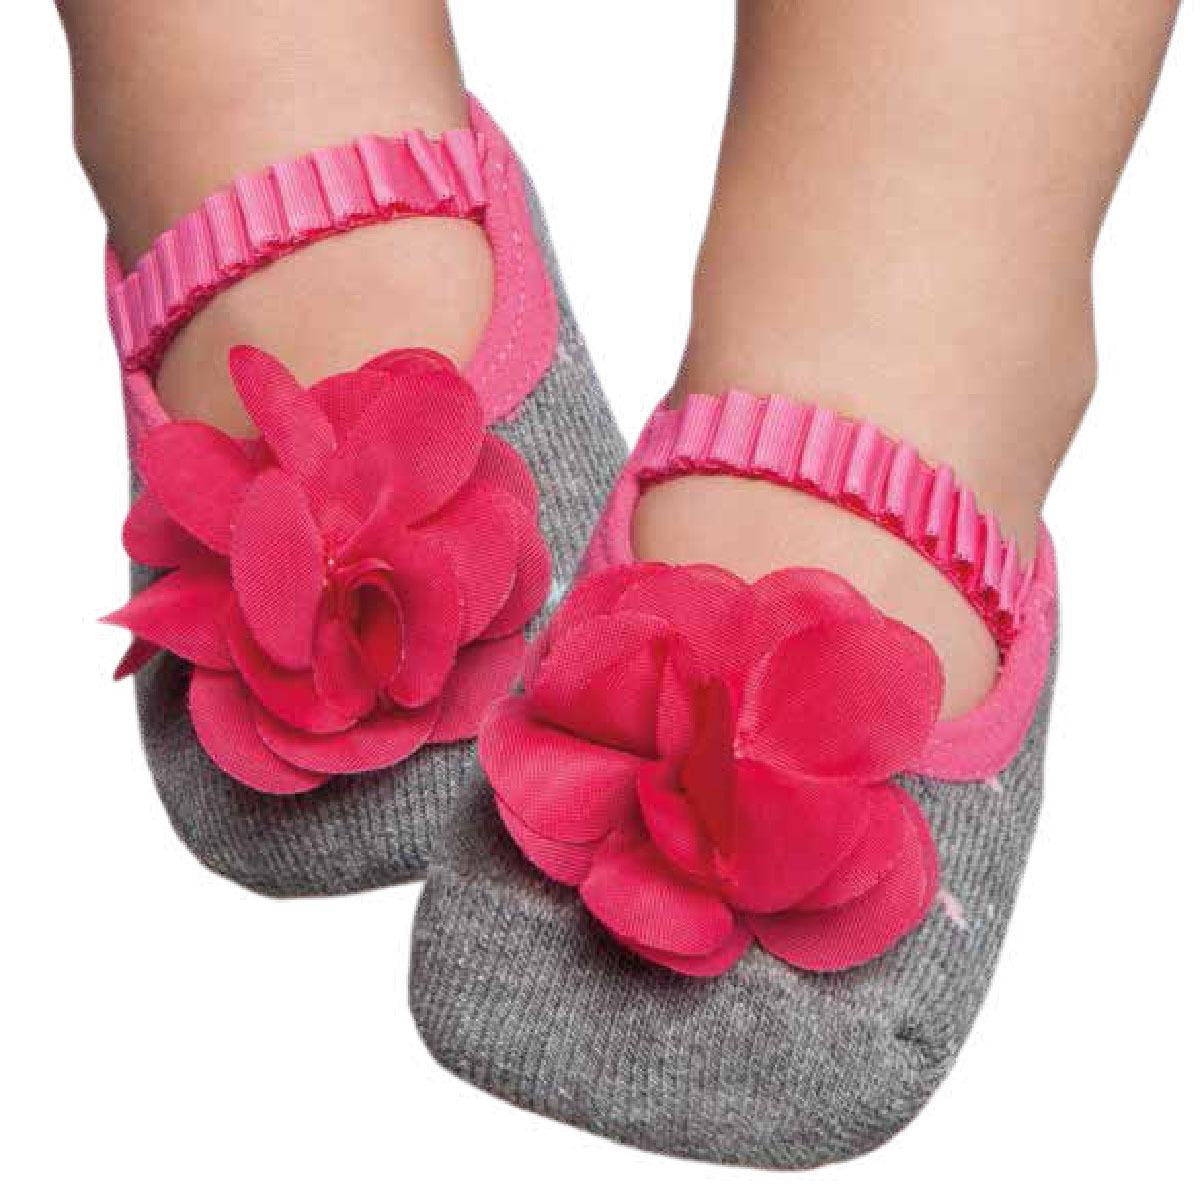 af461a5c8 Meia Sapatilha Para Bebê Flor Pink - Puket - R  41